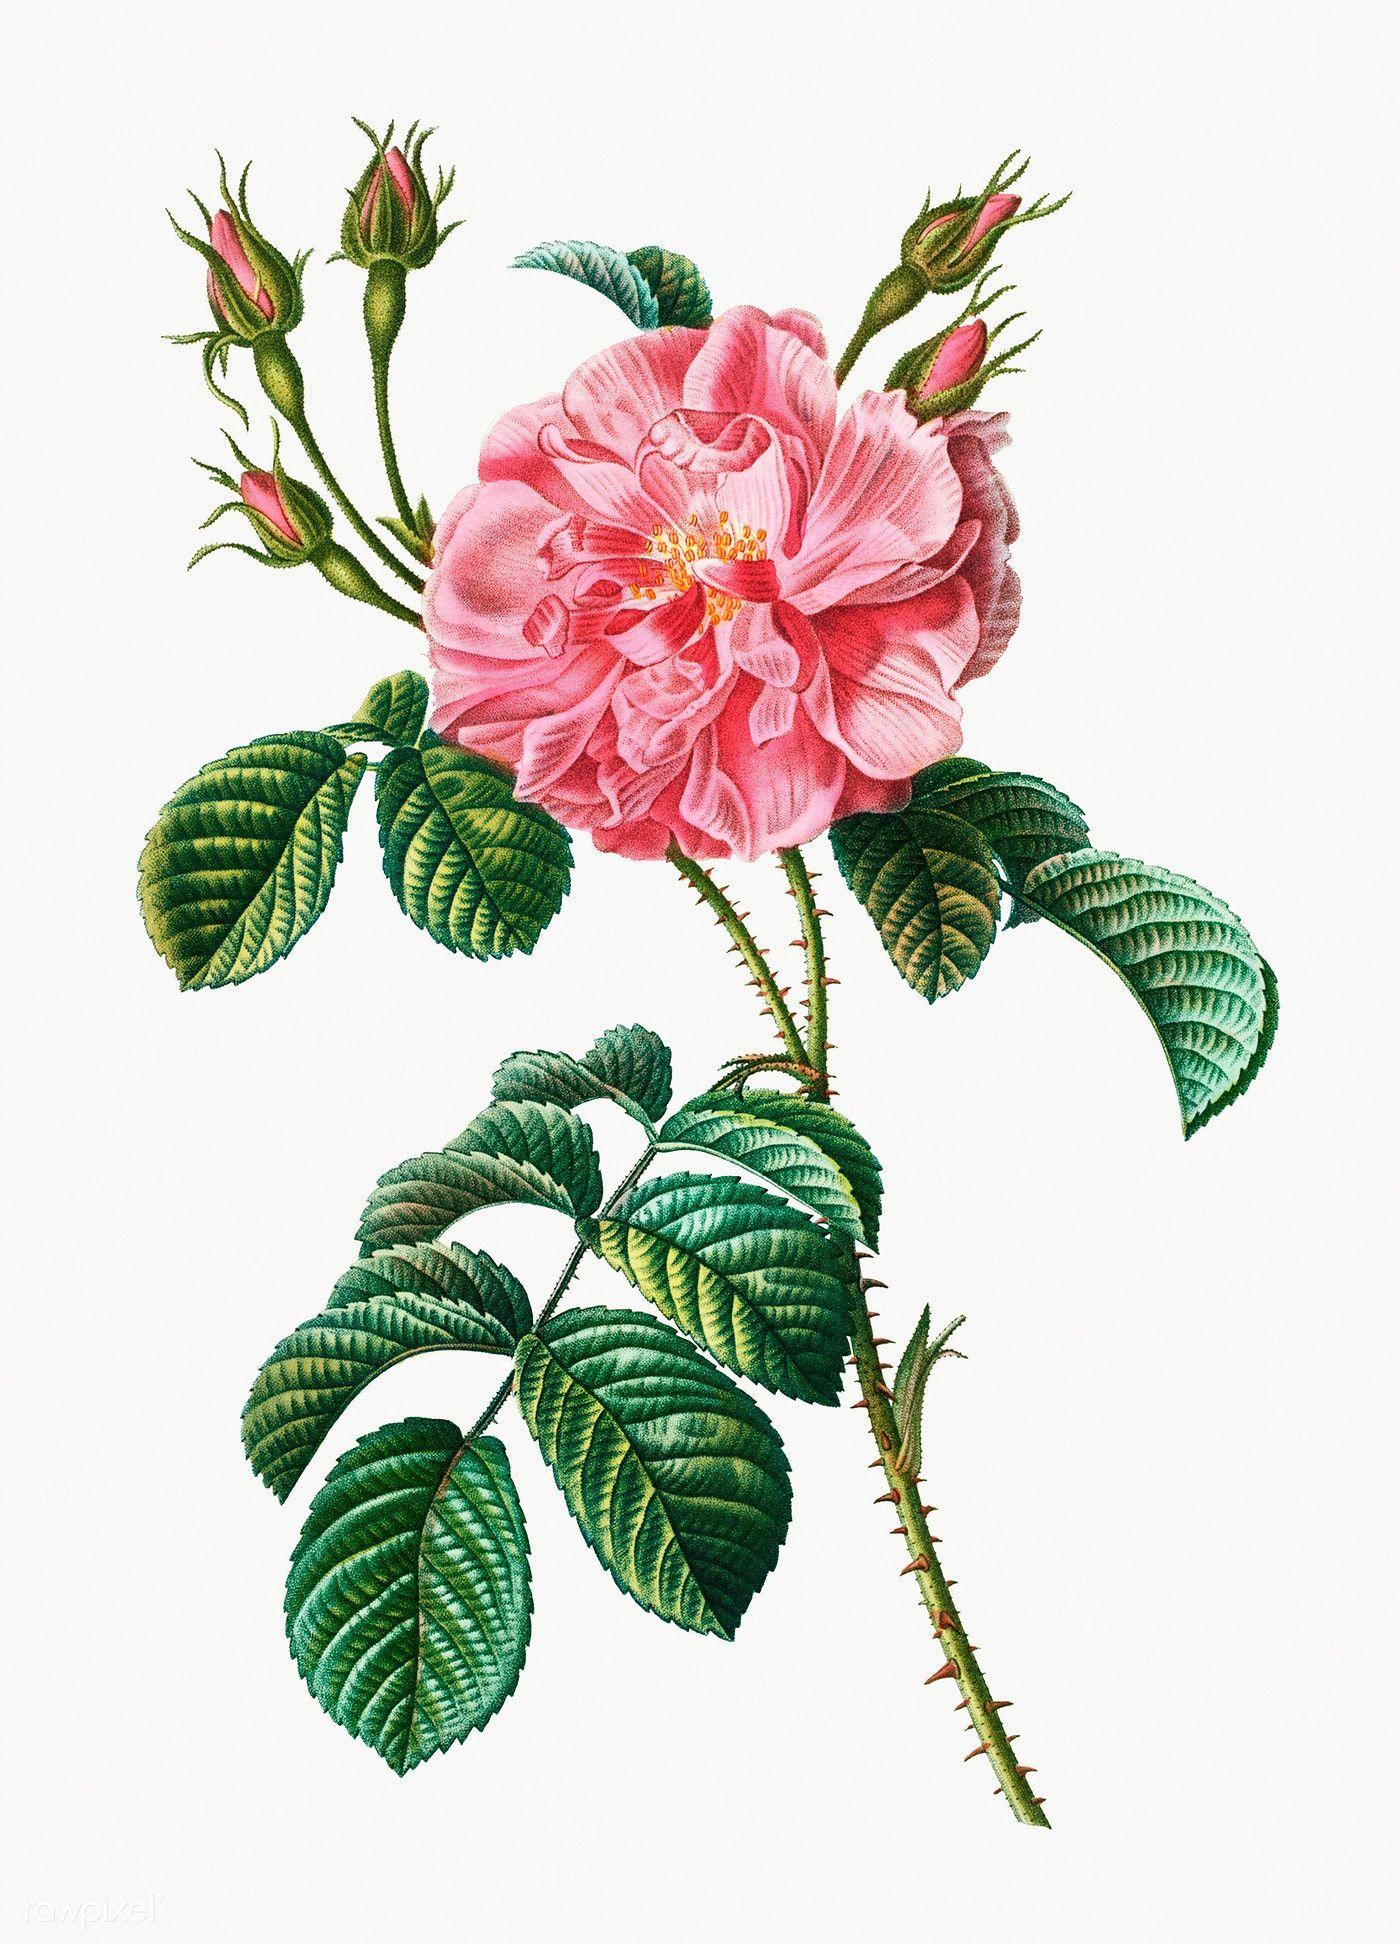 Download Premium Illustration Of Vintage Pink Wild Rose Illustration 569481 Rose Illustration Flower Painting Free Illustrations